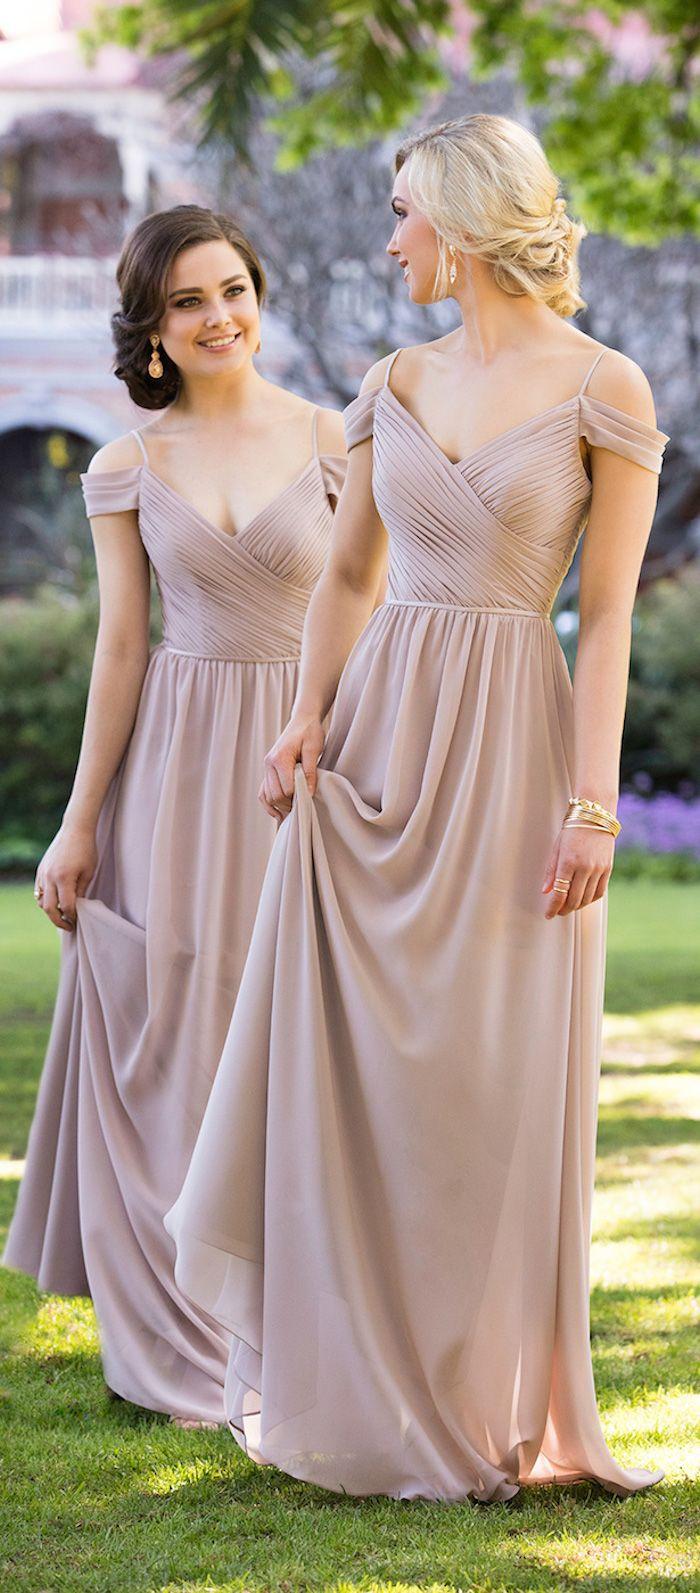 Aller avec la robe de soirée élégante pour assister à un